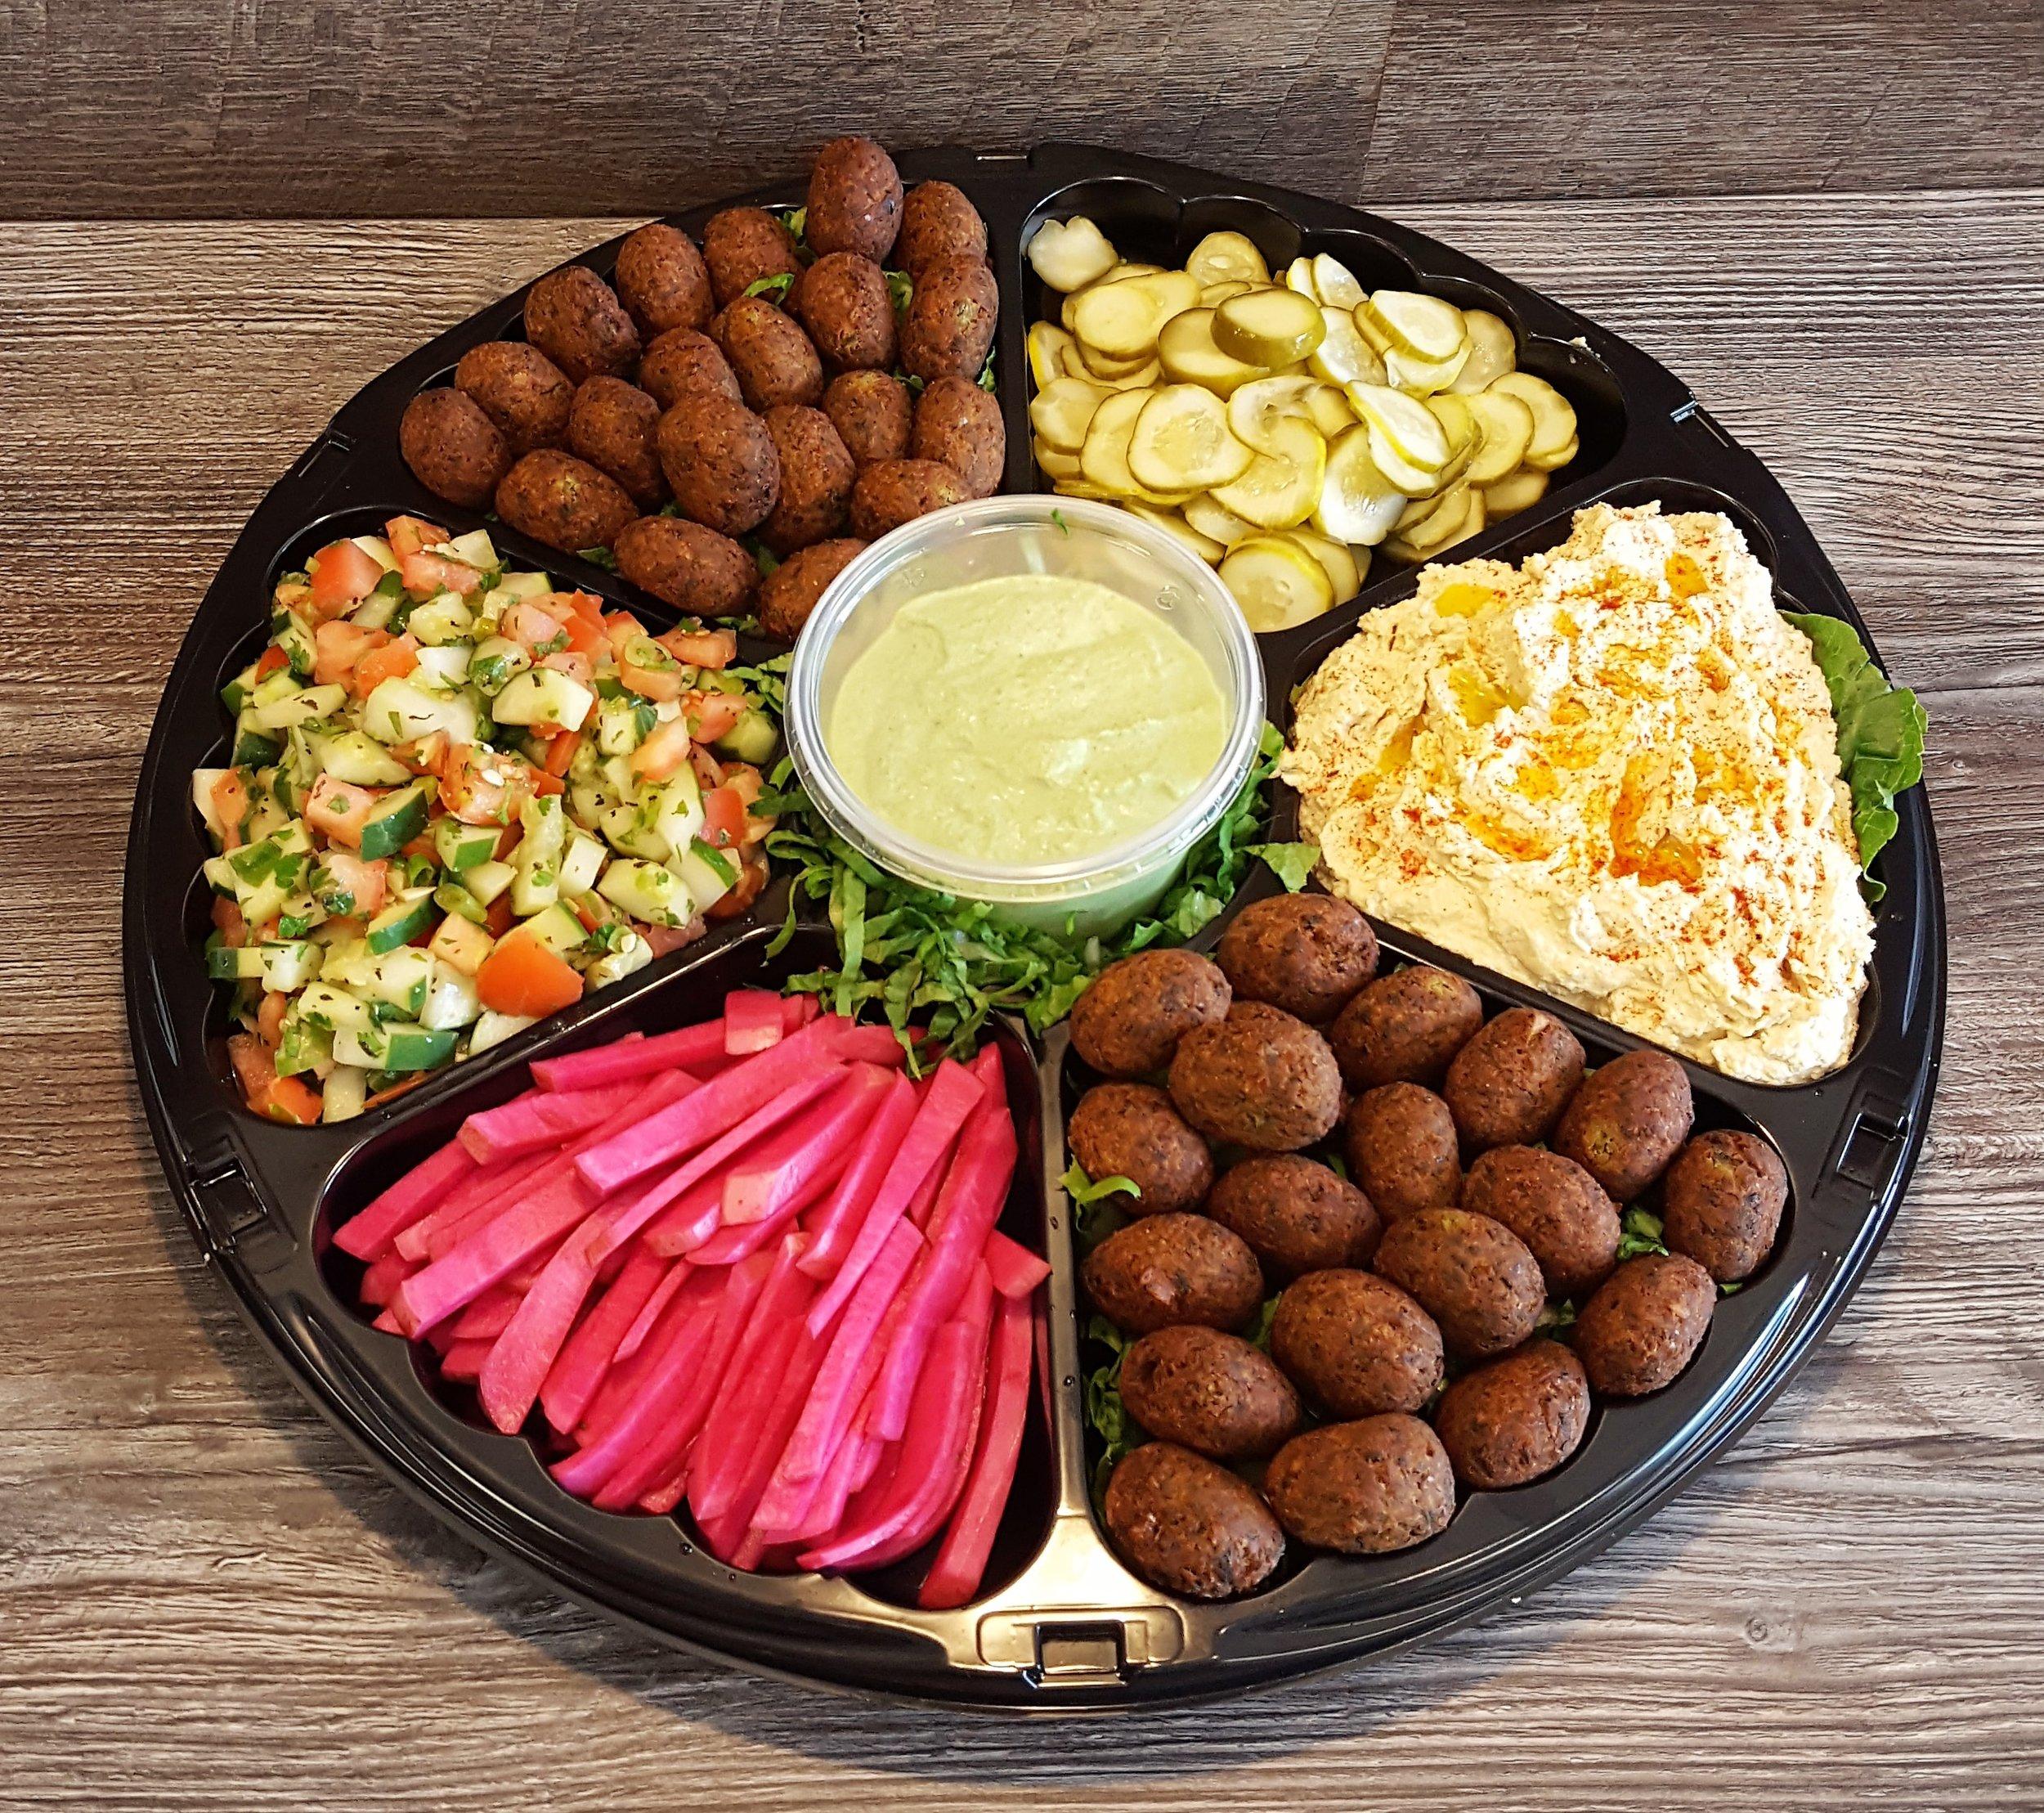 Falafel platter hummus babaganoush lebanese salad turnip pickle.jpg